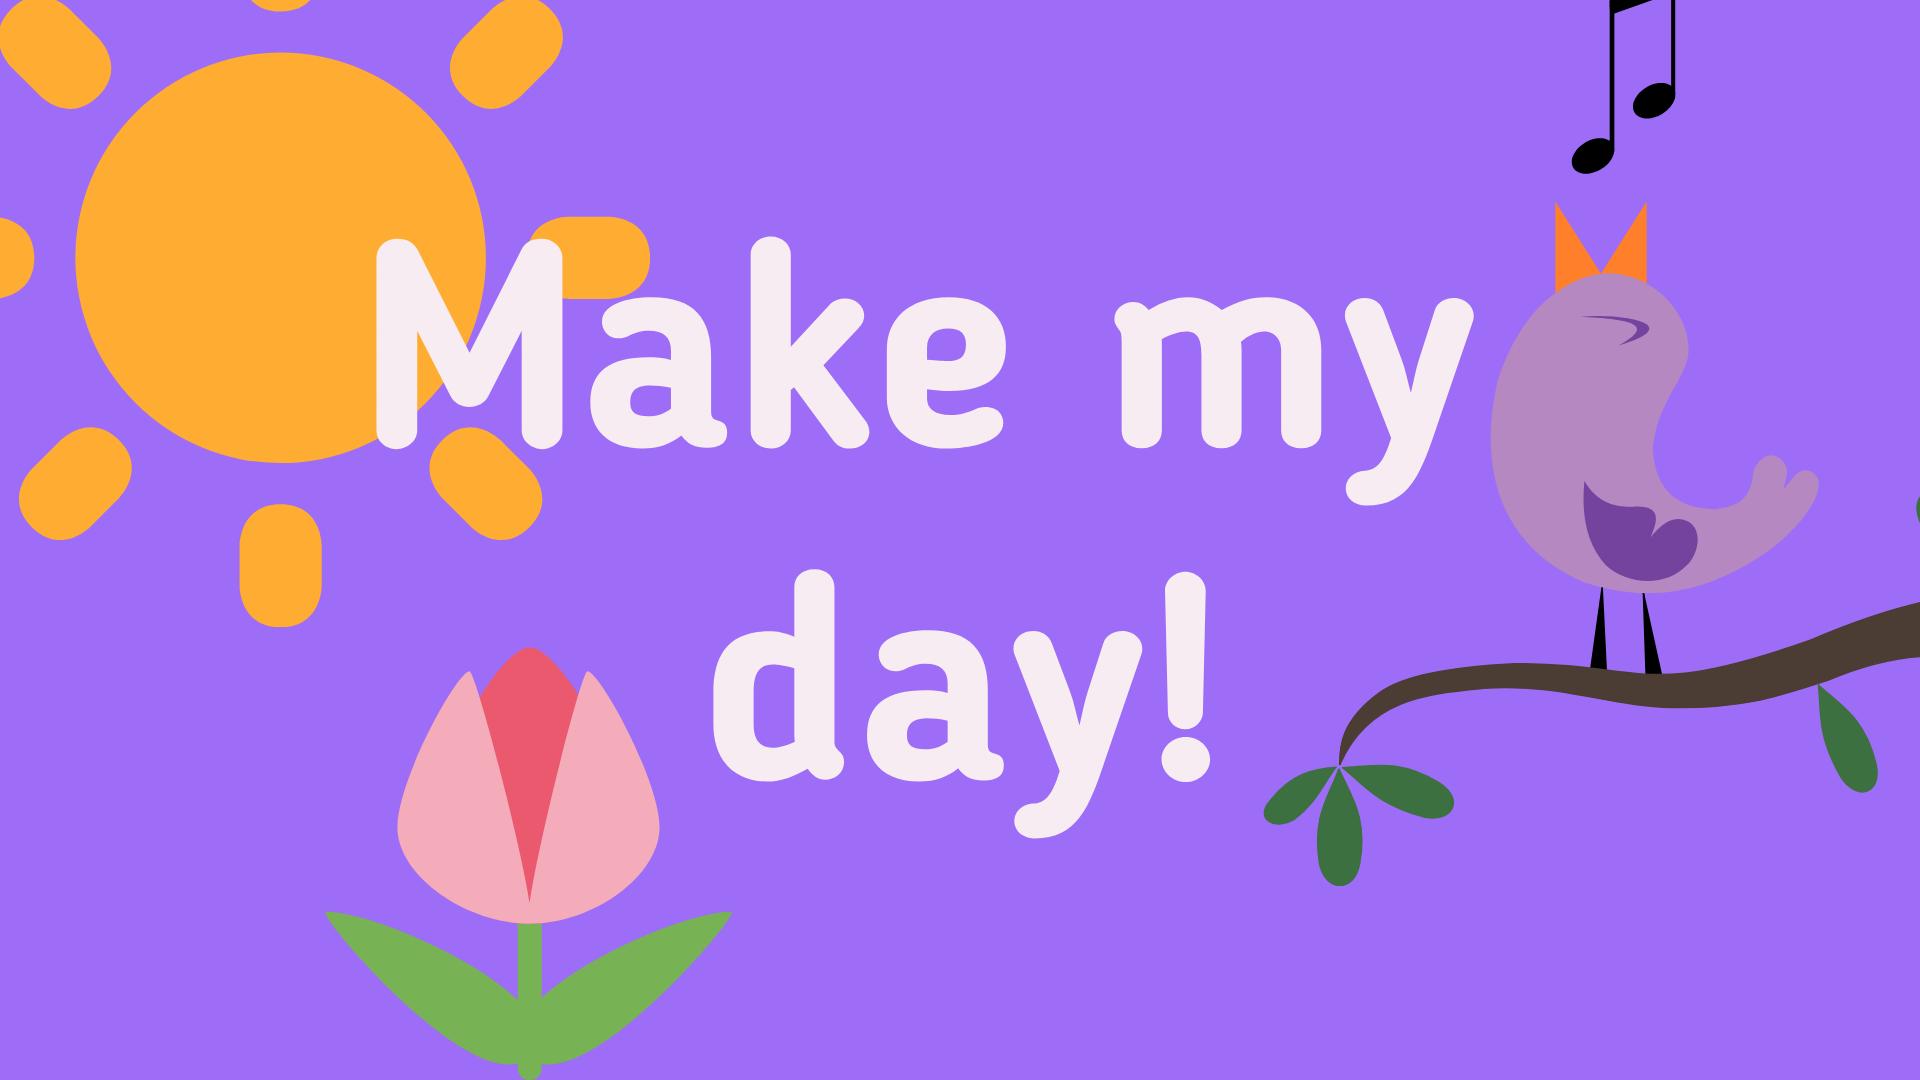 Make my day - Spruchbild